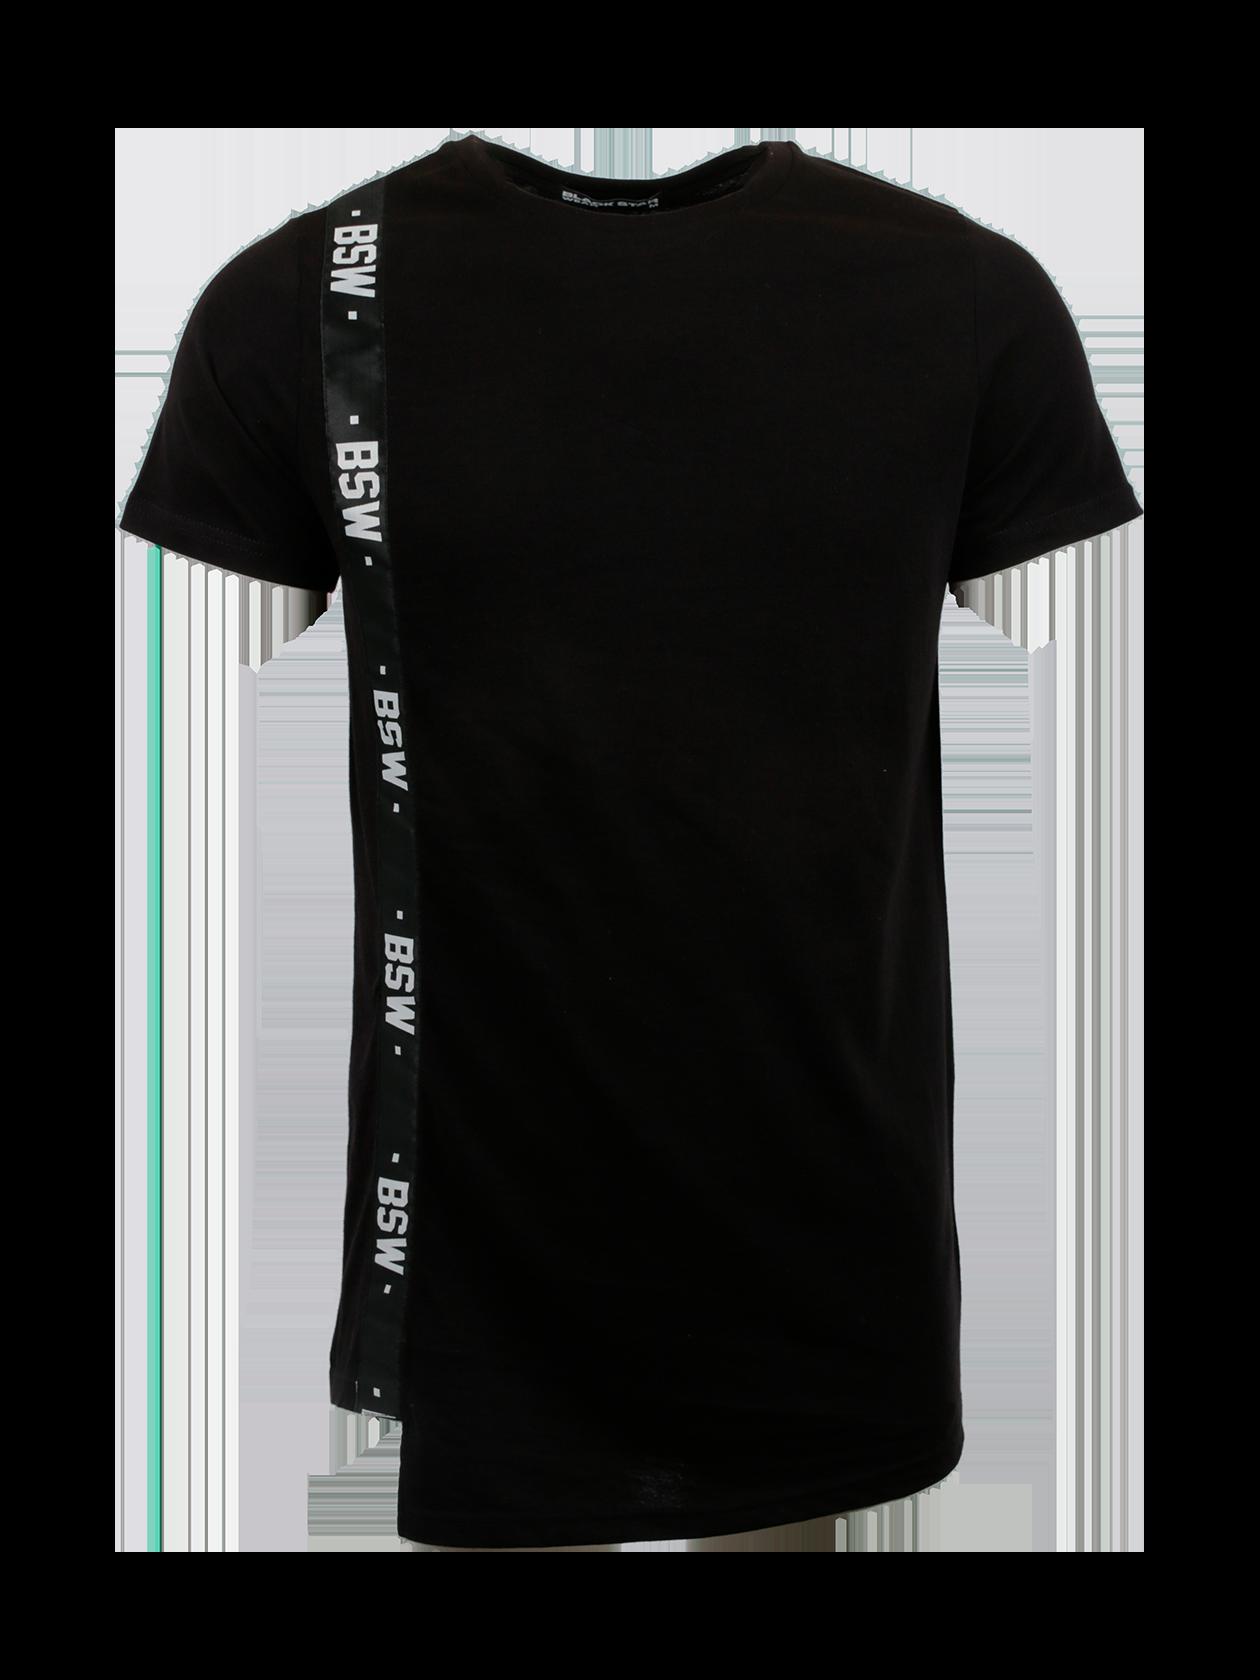 Футболка мужская HARAJUKUСтильная черная футболка мужская Harajuku от бренда Black Star – идеальный выбор активных молодых людей. Модель спортивного типа обладает прямым свободным кроем, удлиненным силуэтом. Фронтальная сторона со скошенным нижним краем дополнена вертикальной вставкой в виде полоски с надписями BSW. Горловина стандартной округлой формы содержит жаккардовую нашивку с логотипом Black Star Wear с изнаночной стороны. Футболка изготовлена из натурального хлопка класса «люкс», отличается высокой практичностью и износоустойчивостью.<br><br>Размер: S<br>Цвет: Черный<br>Пол: Мужской